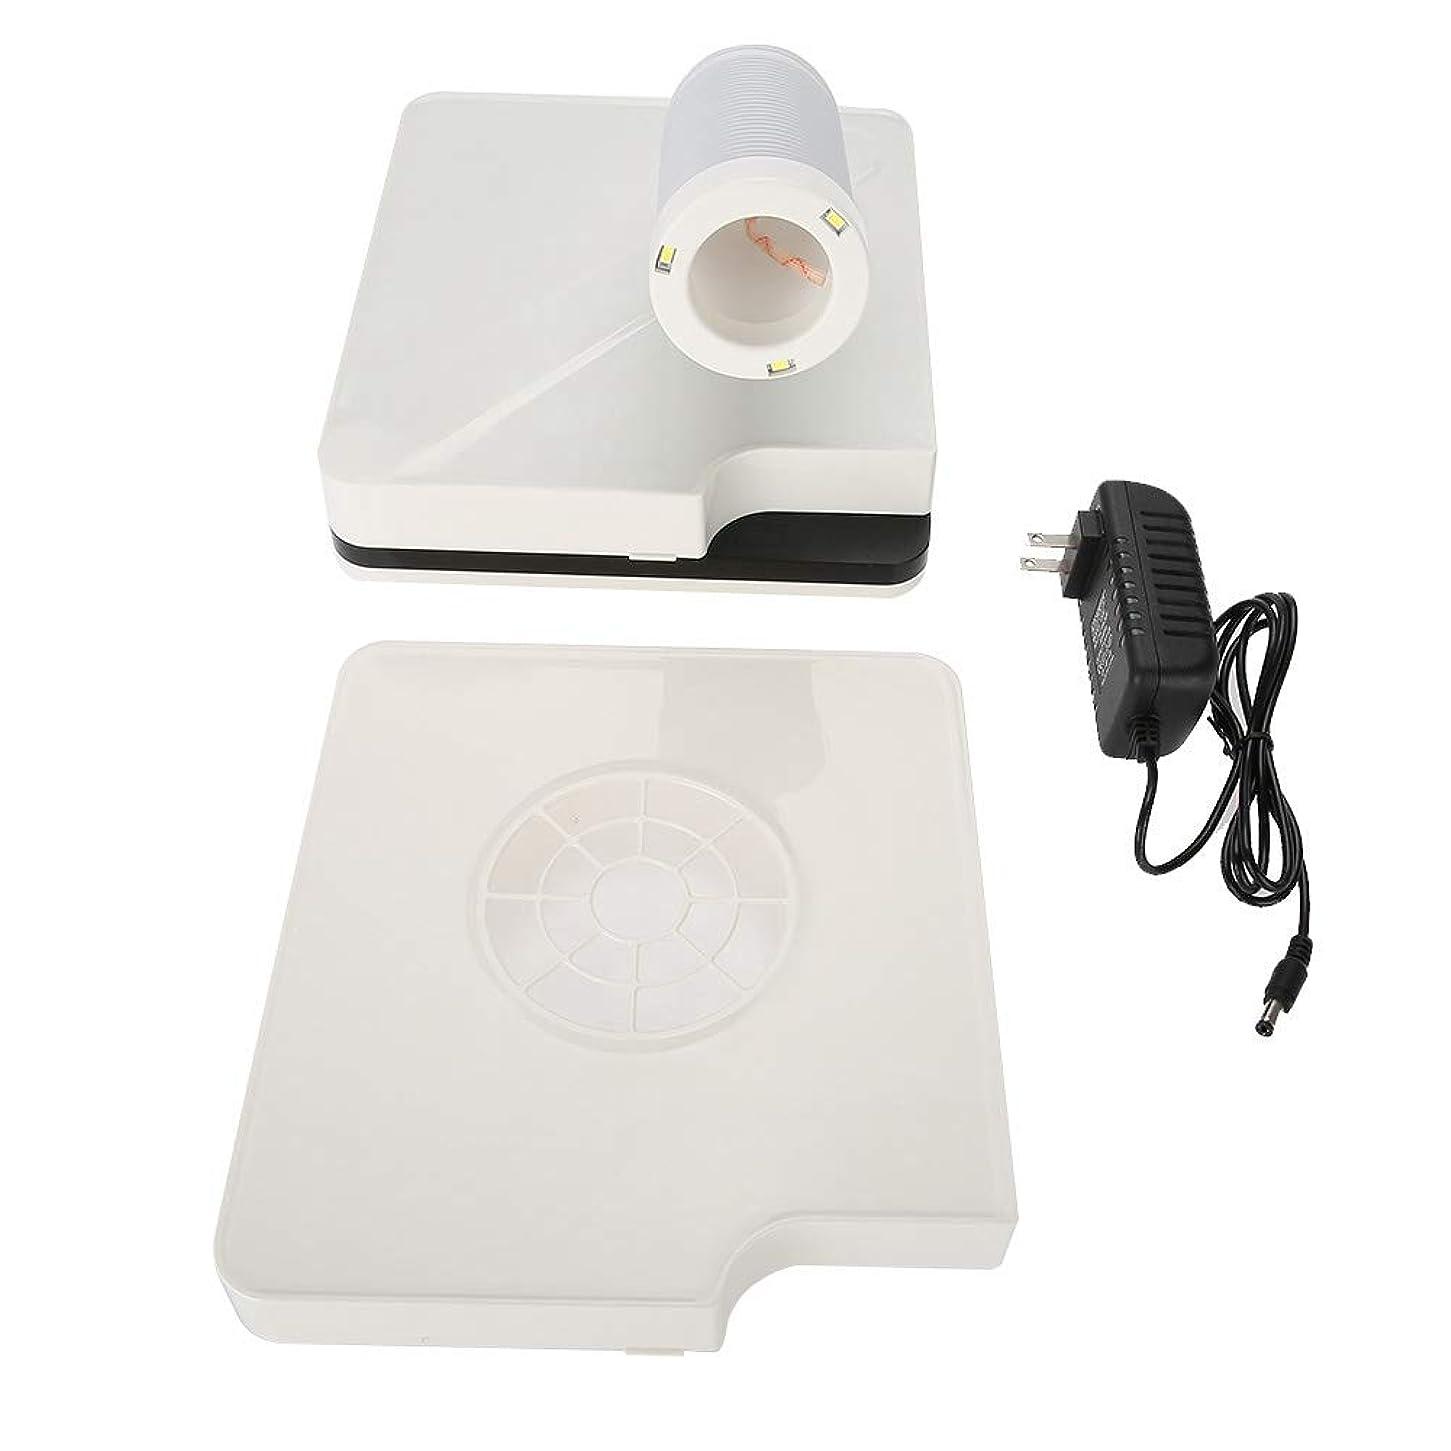 簡略化する可能にする地域ネイルダスト 集塵機 ダストコレクター ネイルケア 強い吸収力 60W ネイルダスト吸引 お手入れ簡単 ネイルファン (ホワイト 2in1)